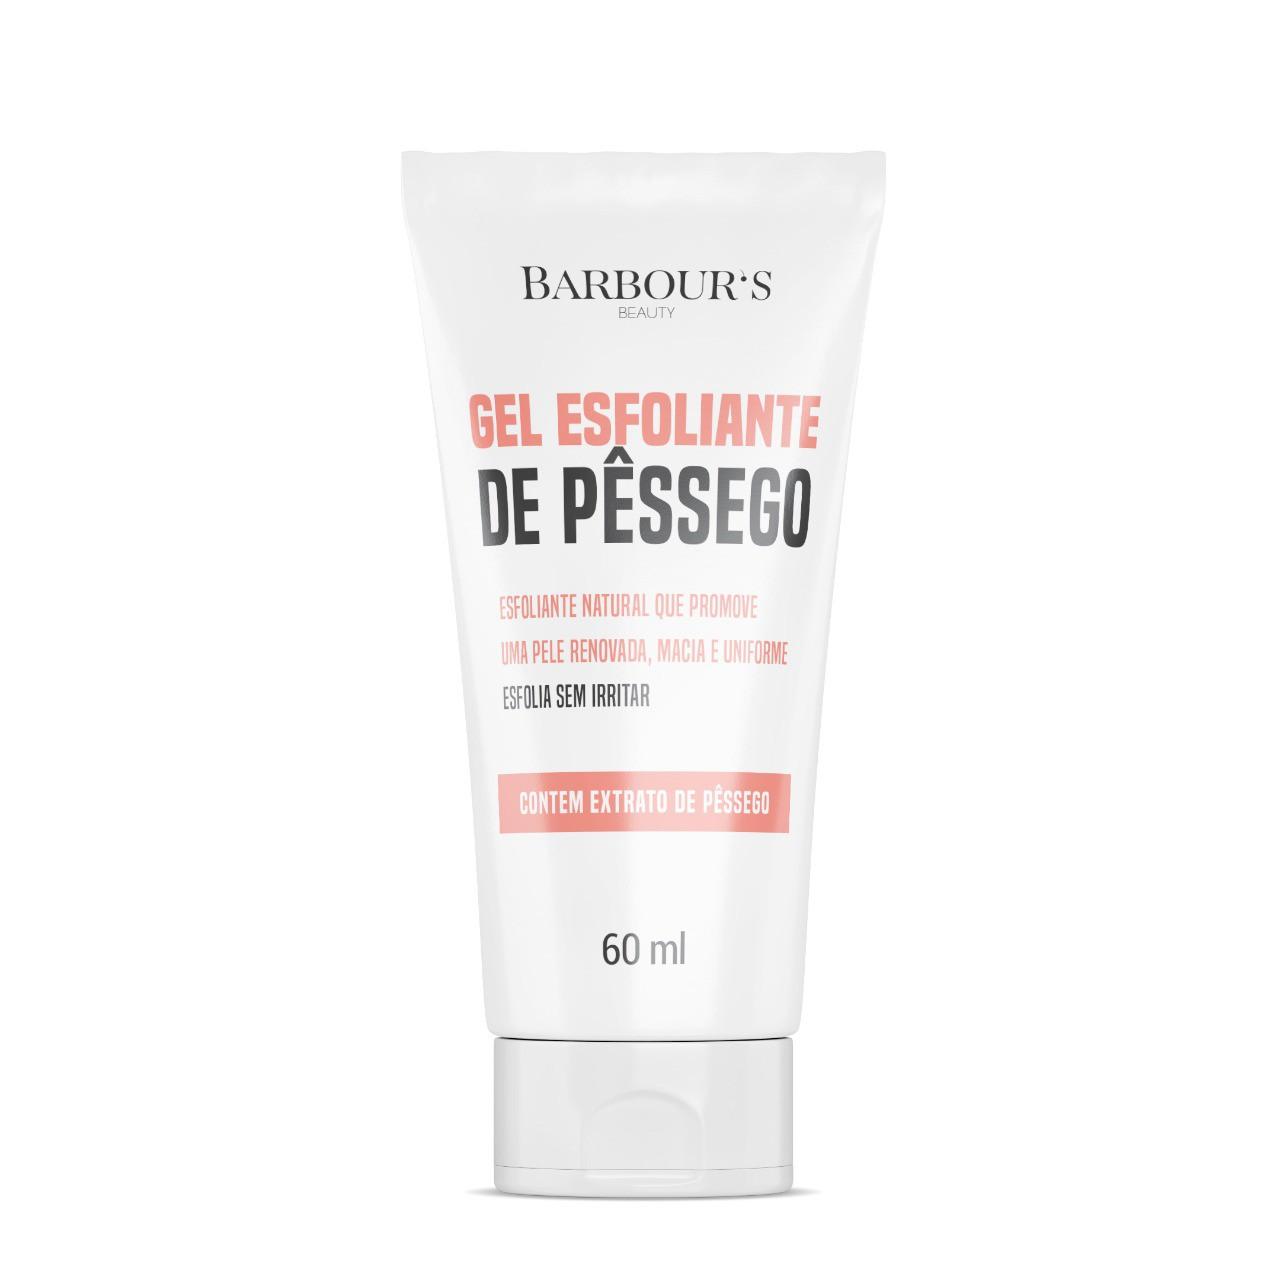 GEL ESFOLIANTE DE PESSEGO